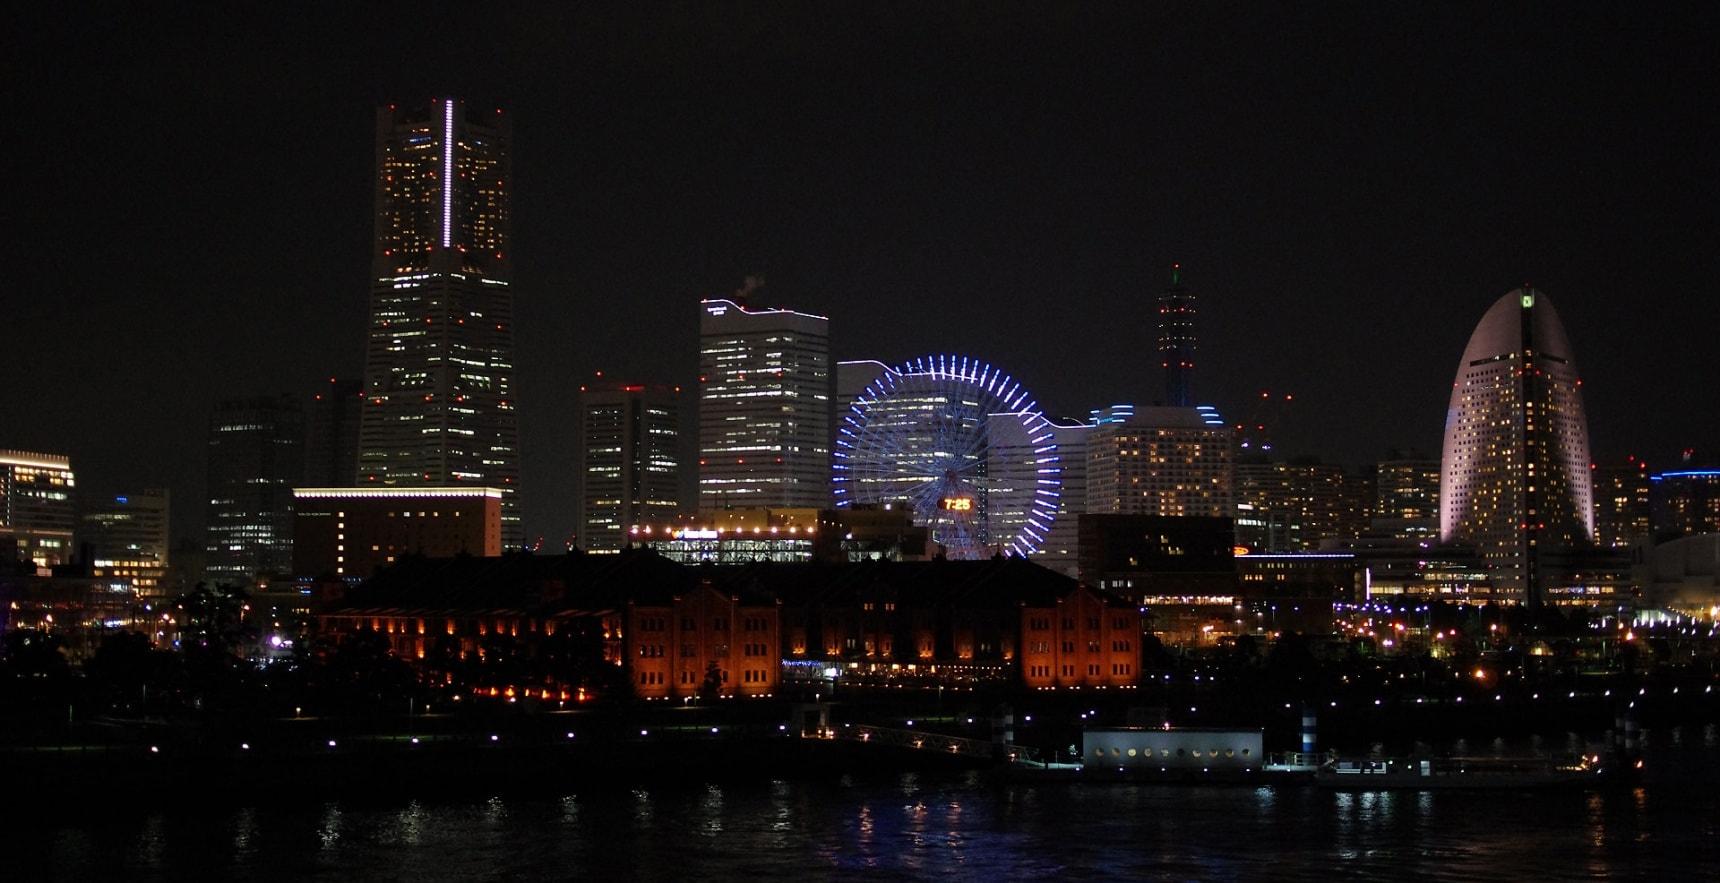 解读横滨,遍寻她的过去与现在